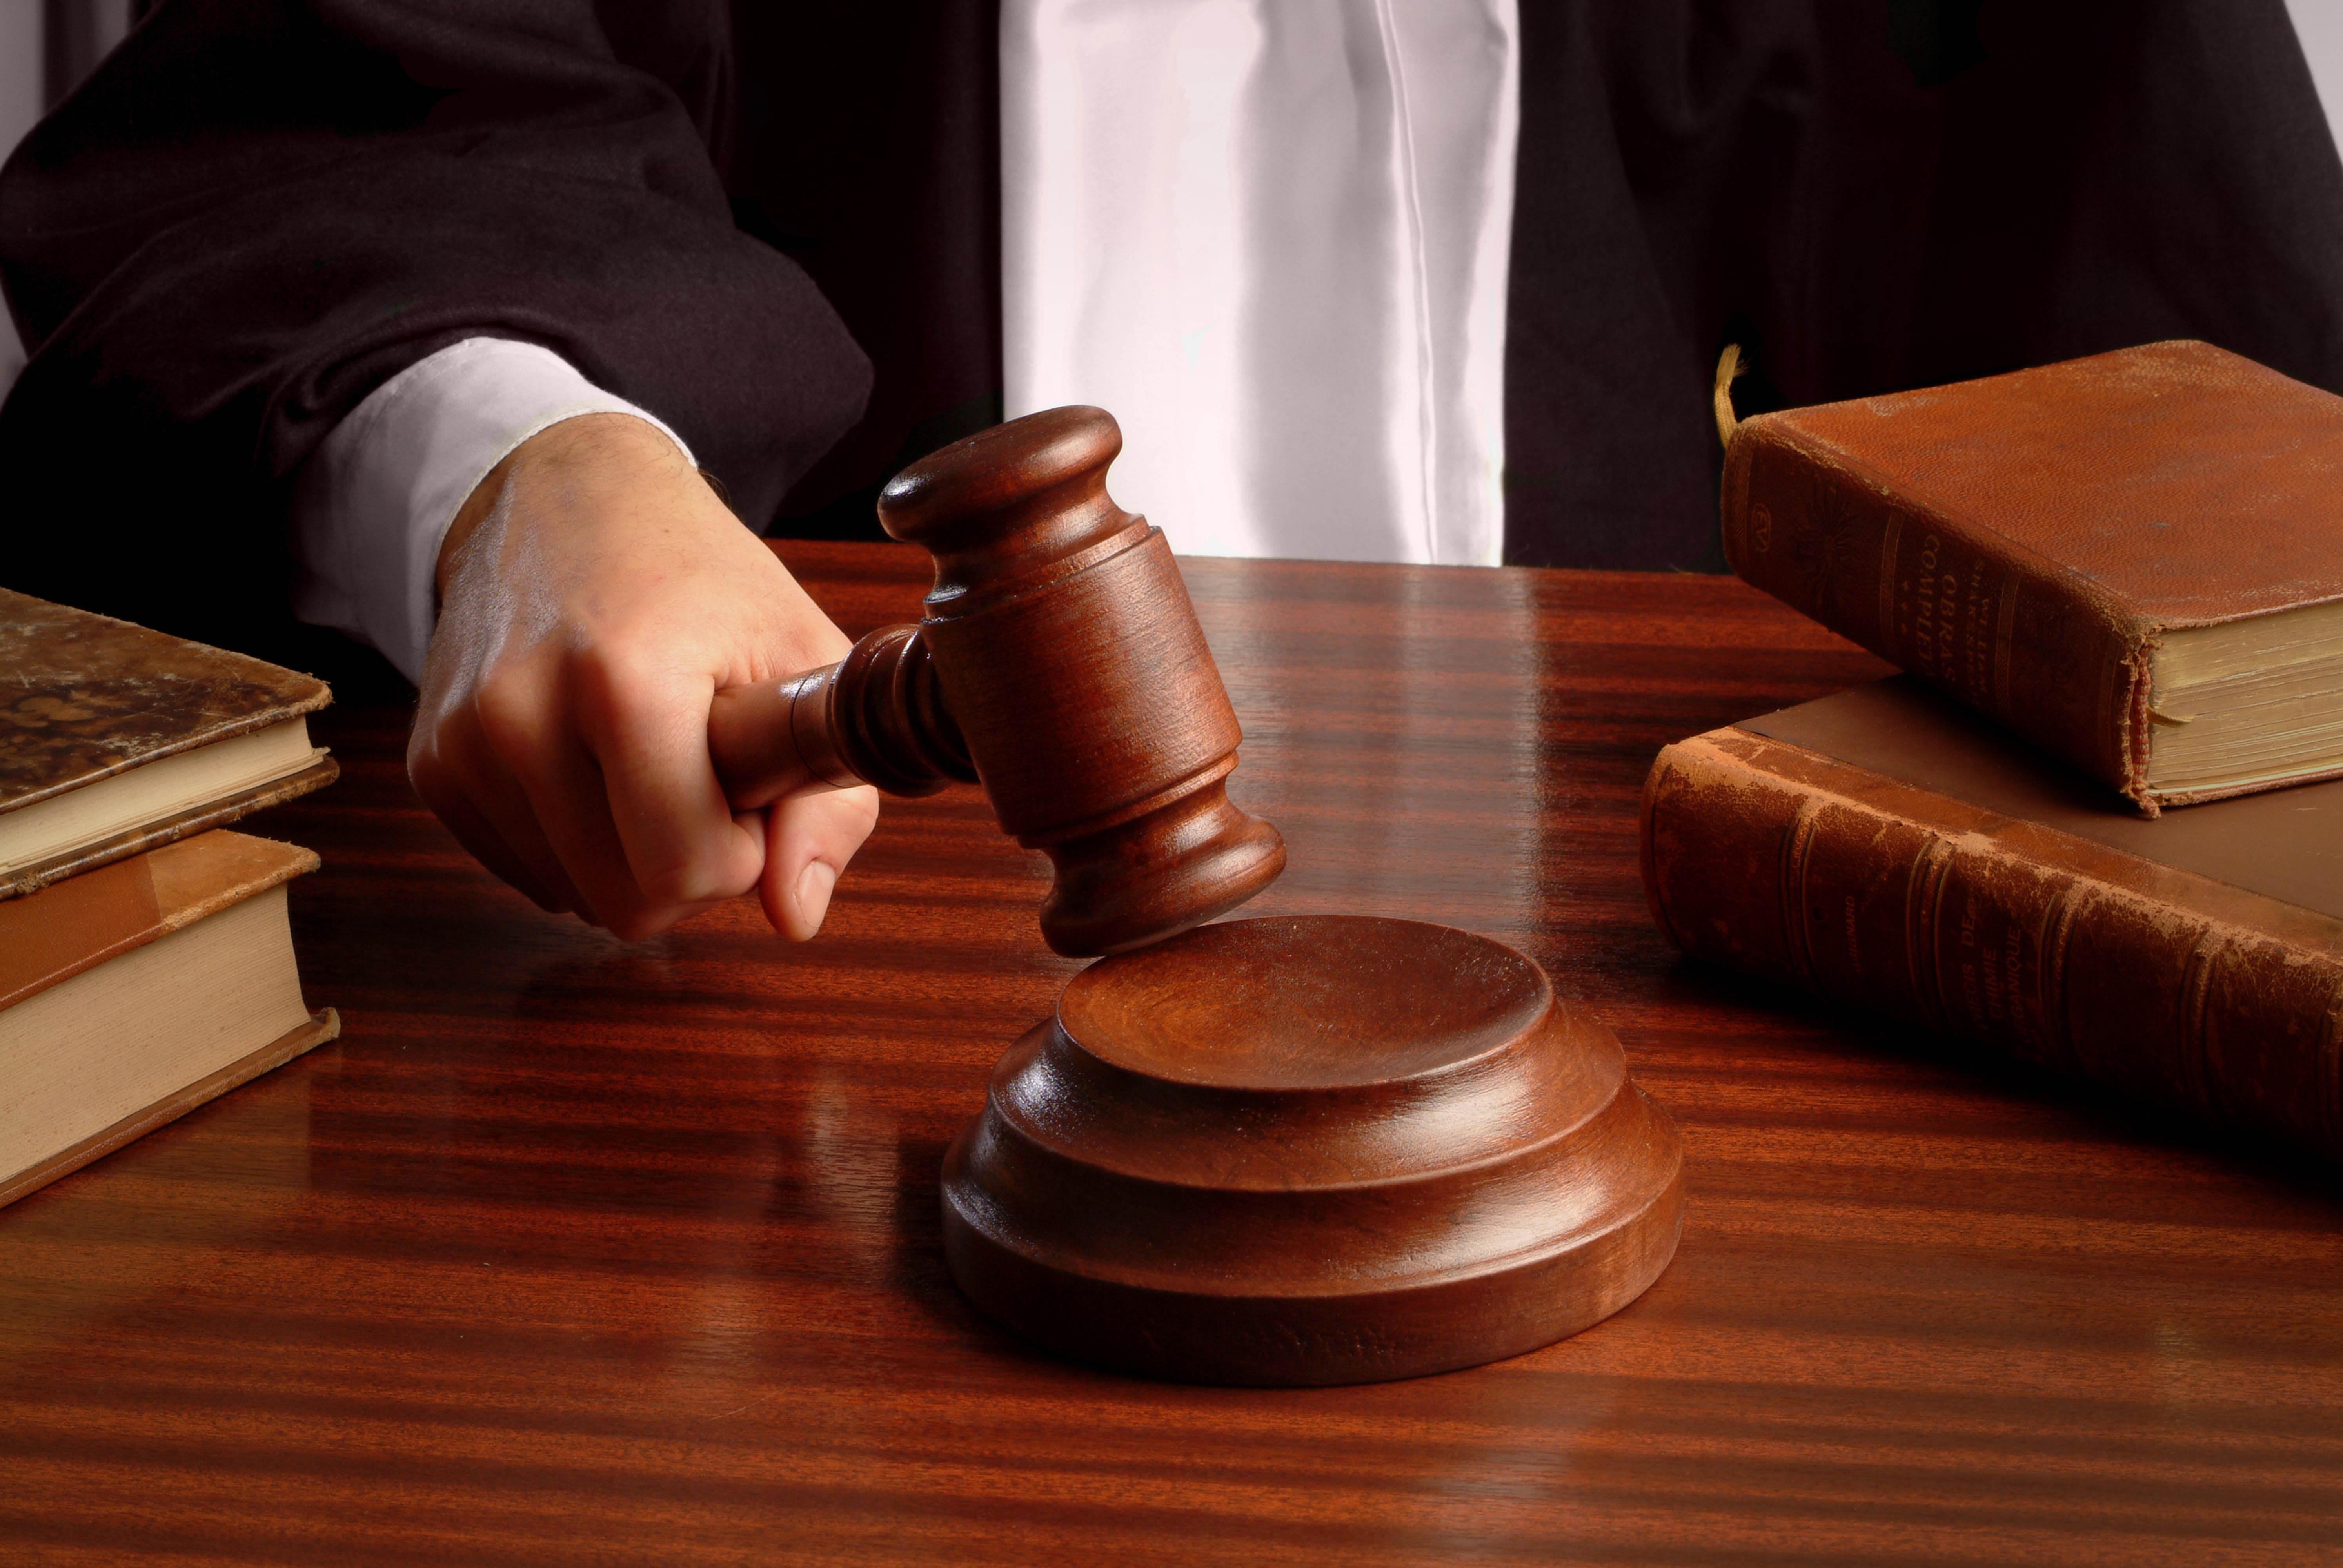 В Запорожье будут судить мужчину, обвиняемого в убийстве и покушении наполицейских